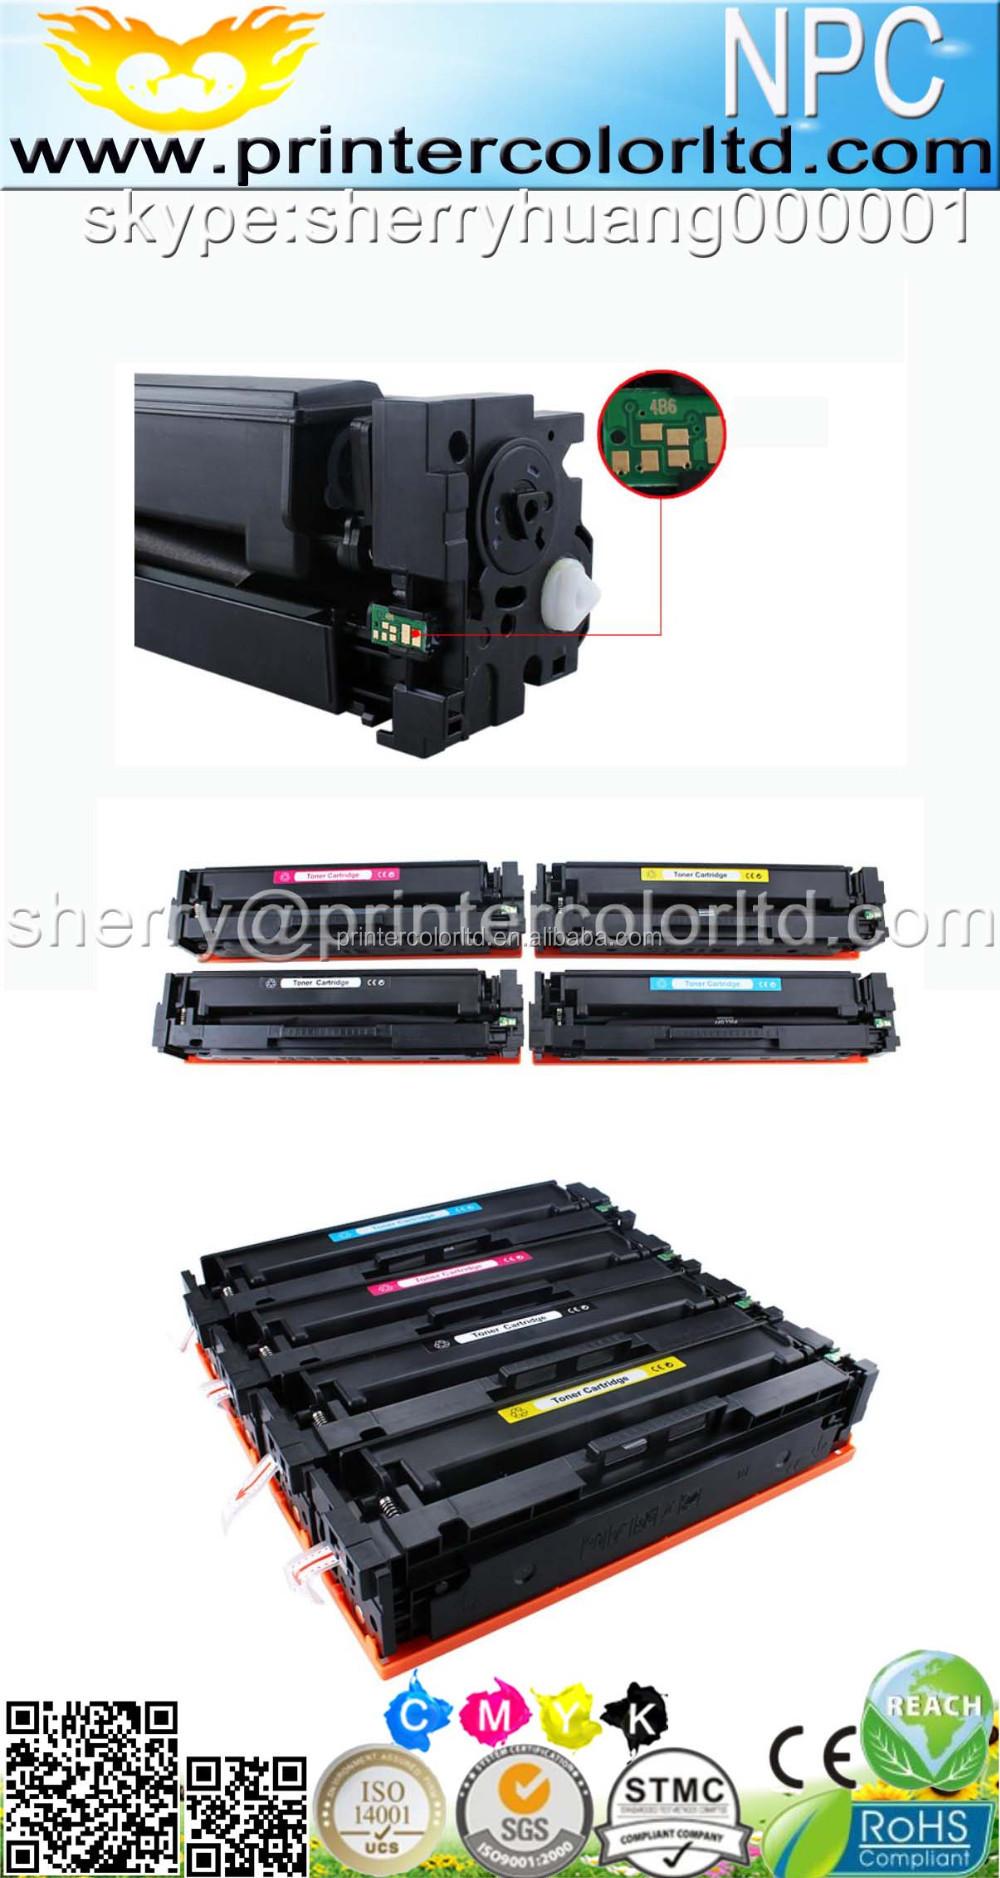 Toner for hp colour laserjet pro cf 403 a m 252 n 277 n